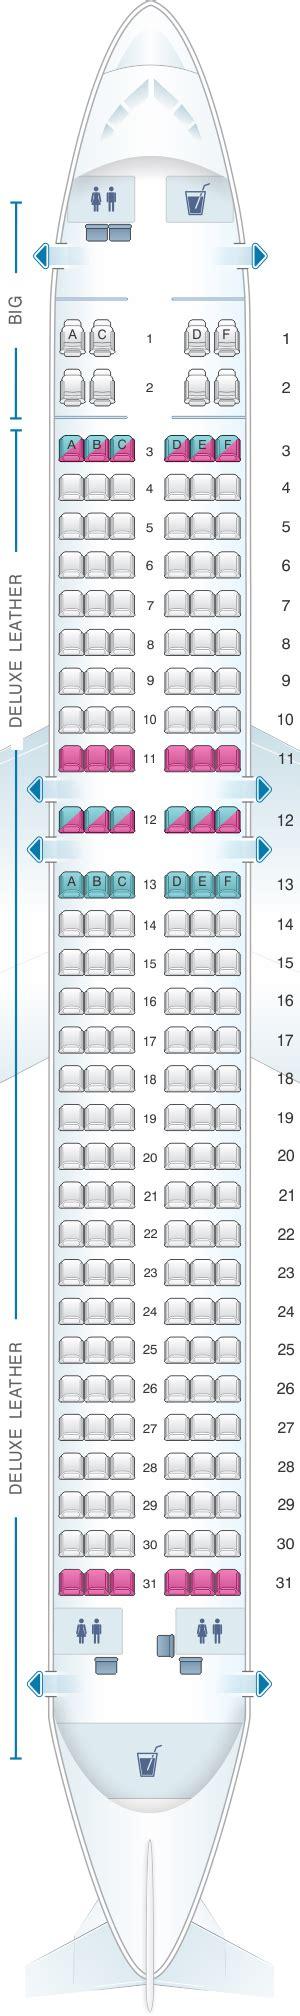 seat map spirit airlines airbus  pax seatmaestro